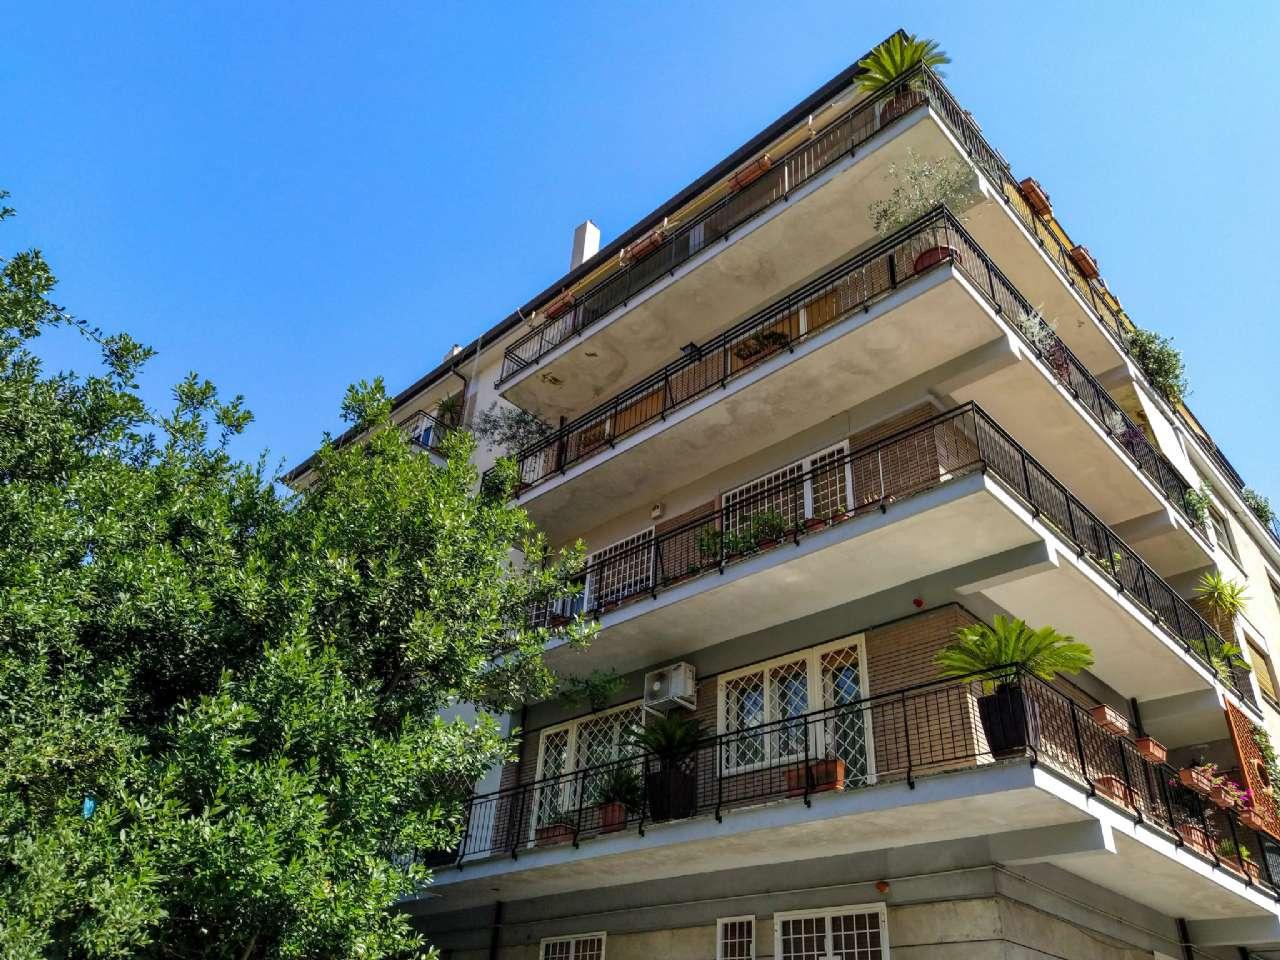 Cortina d'Ampezzo - Via della Mendola - Appartamento con cantina e posto auto, foto 0